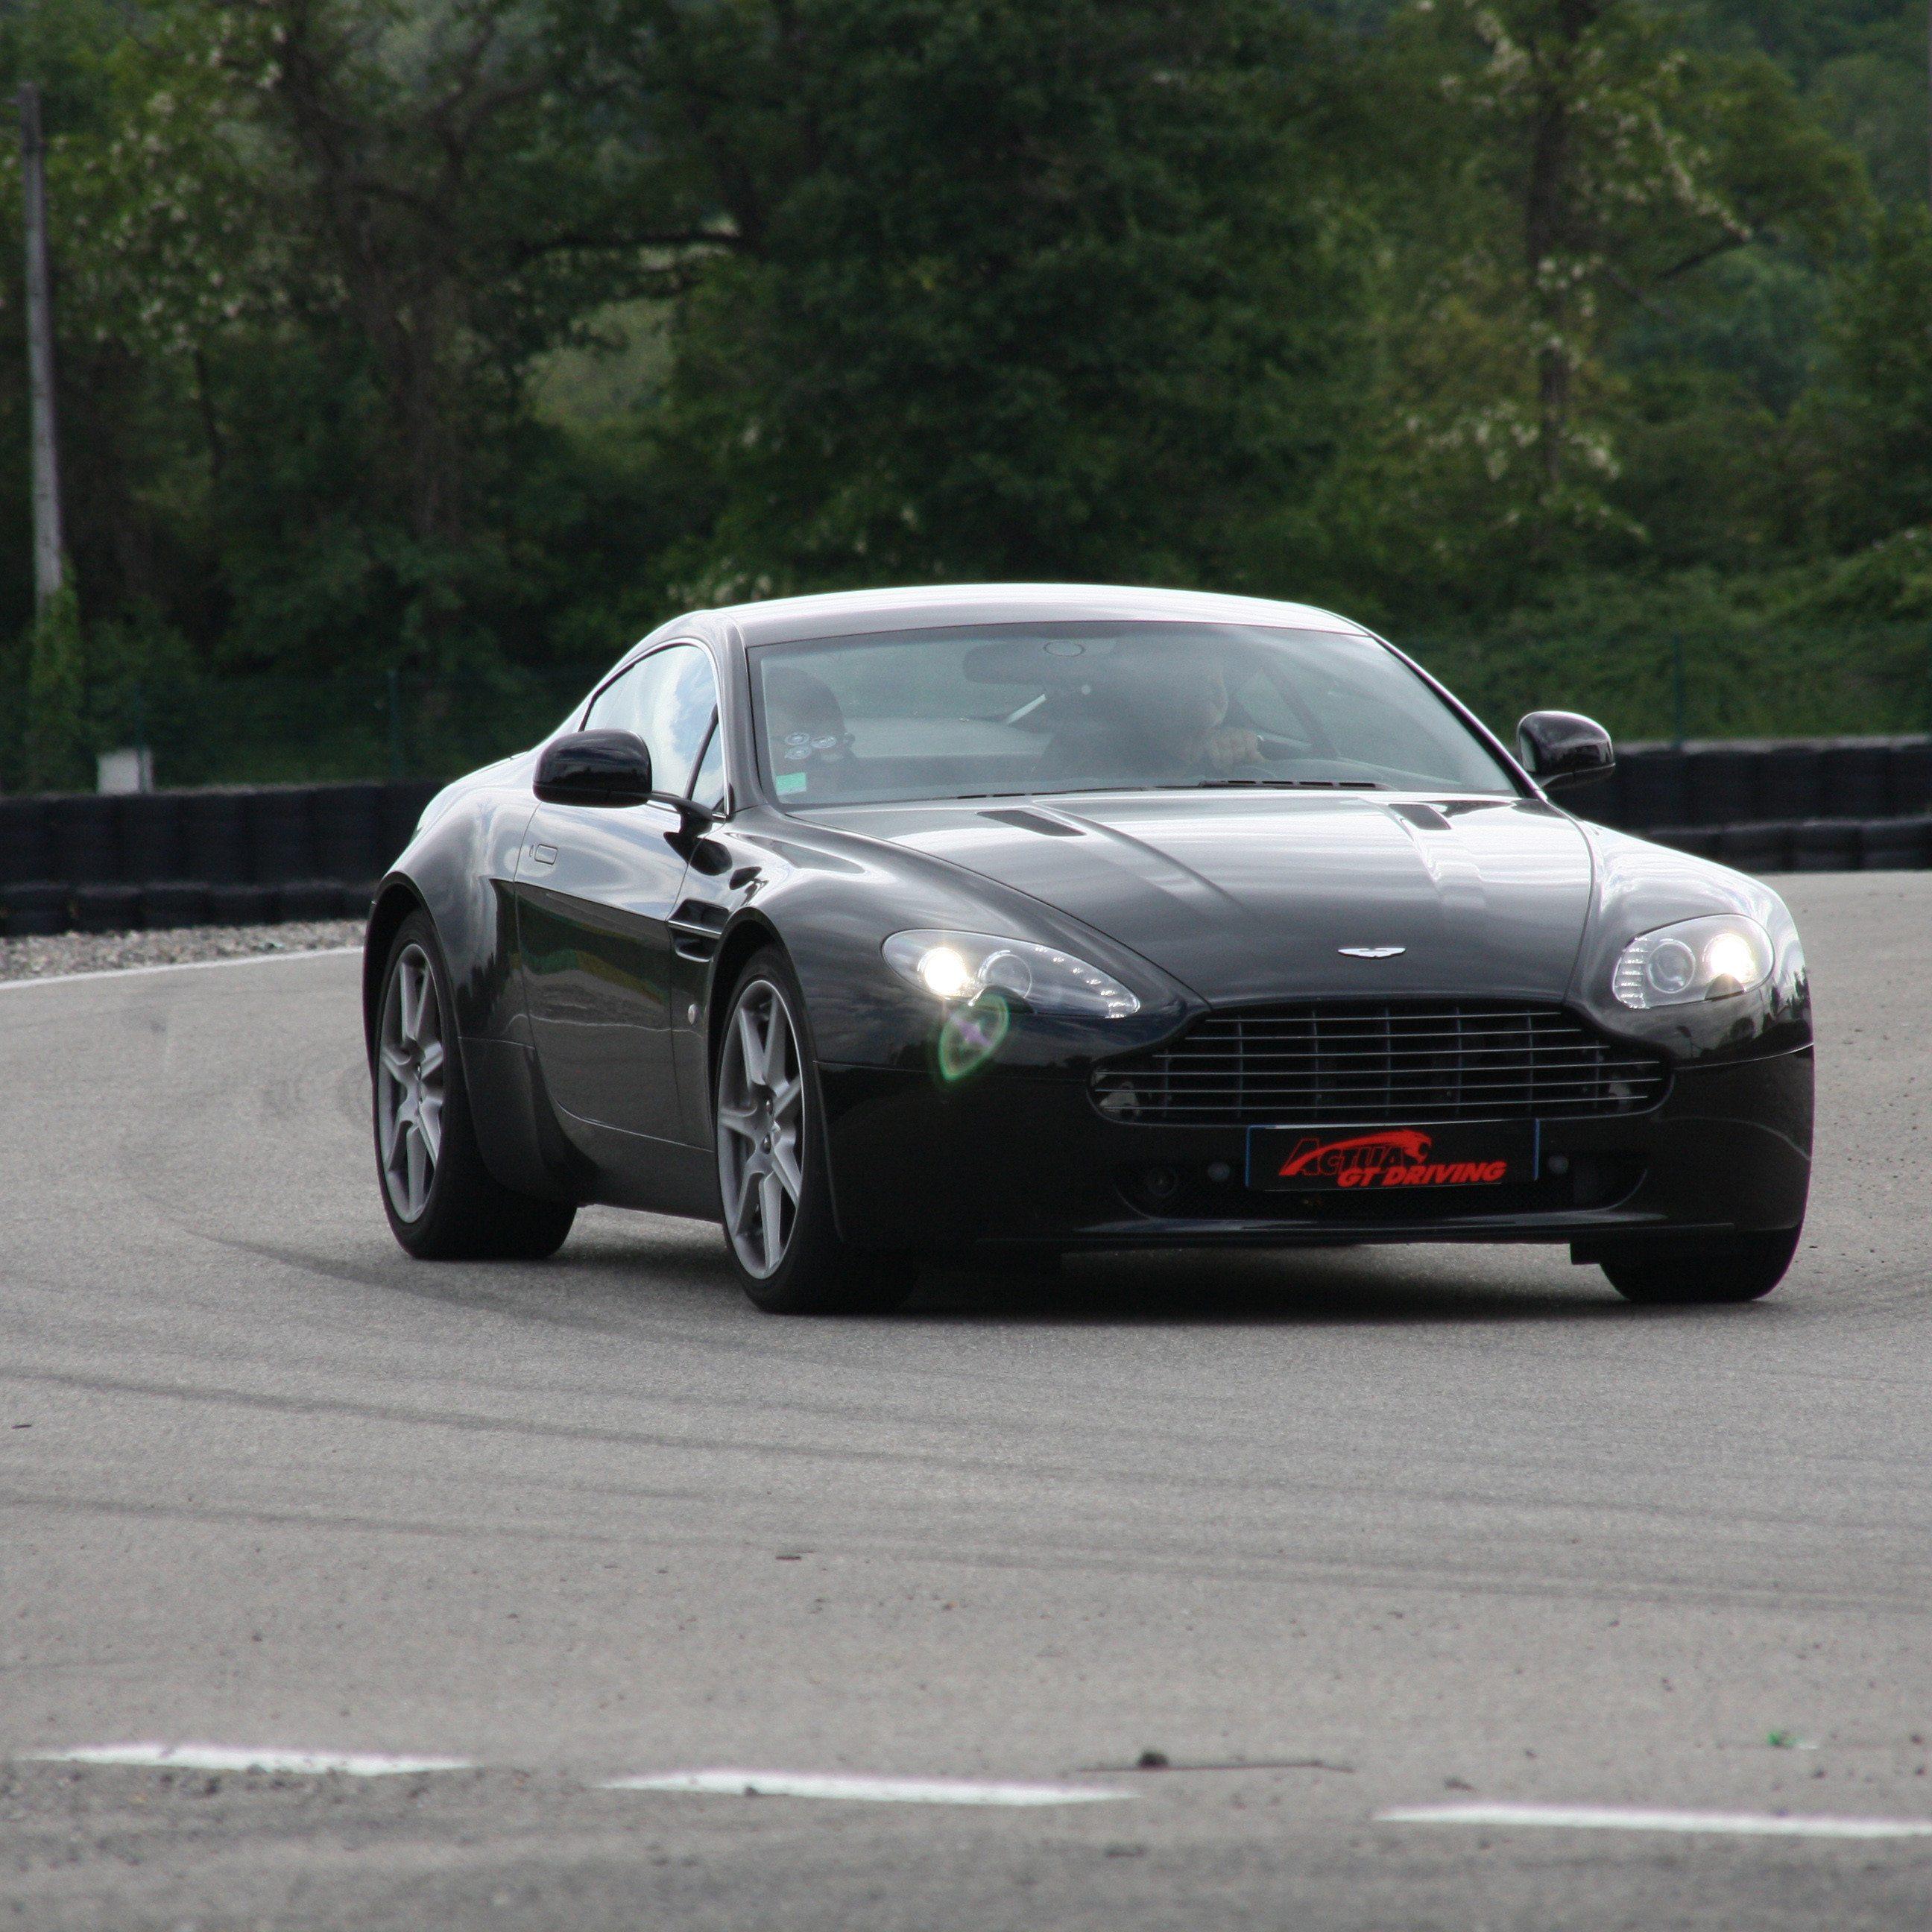 Guida una Aston Martin da 99 € - Circuito di Precenicco